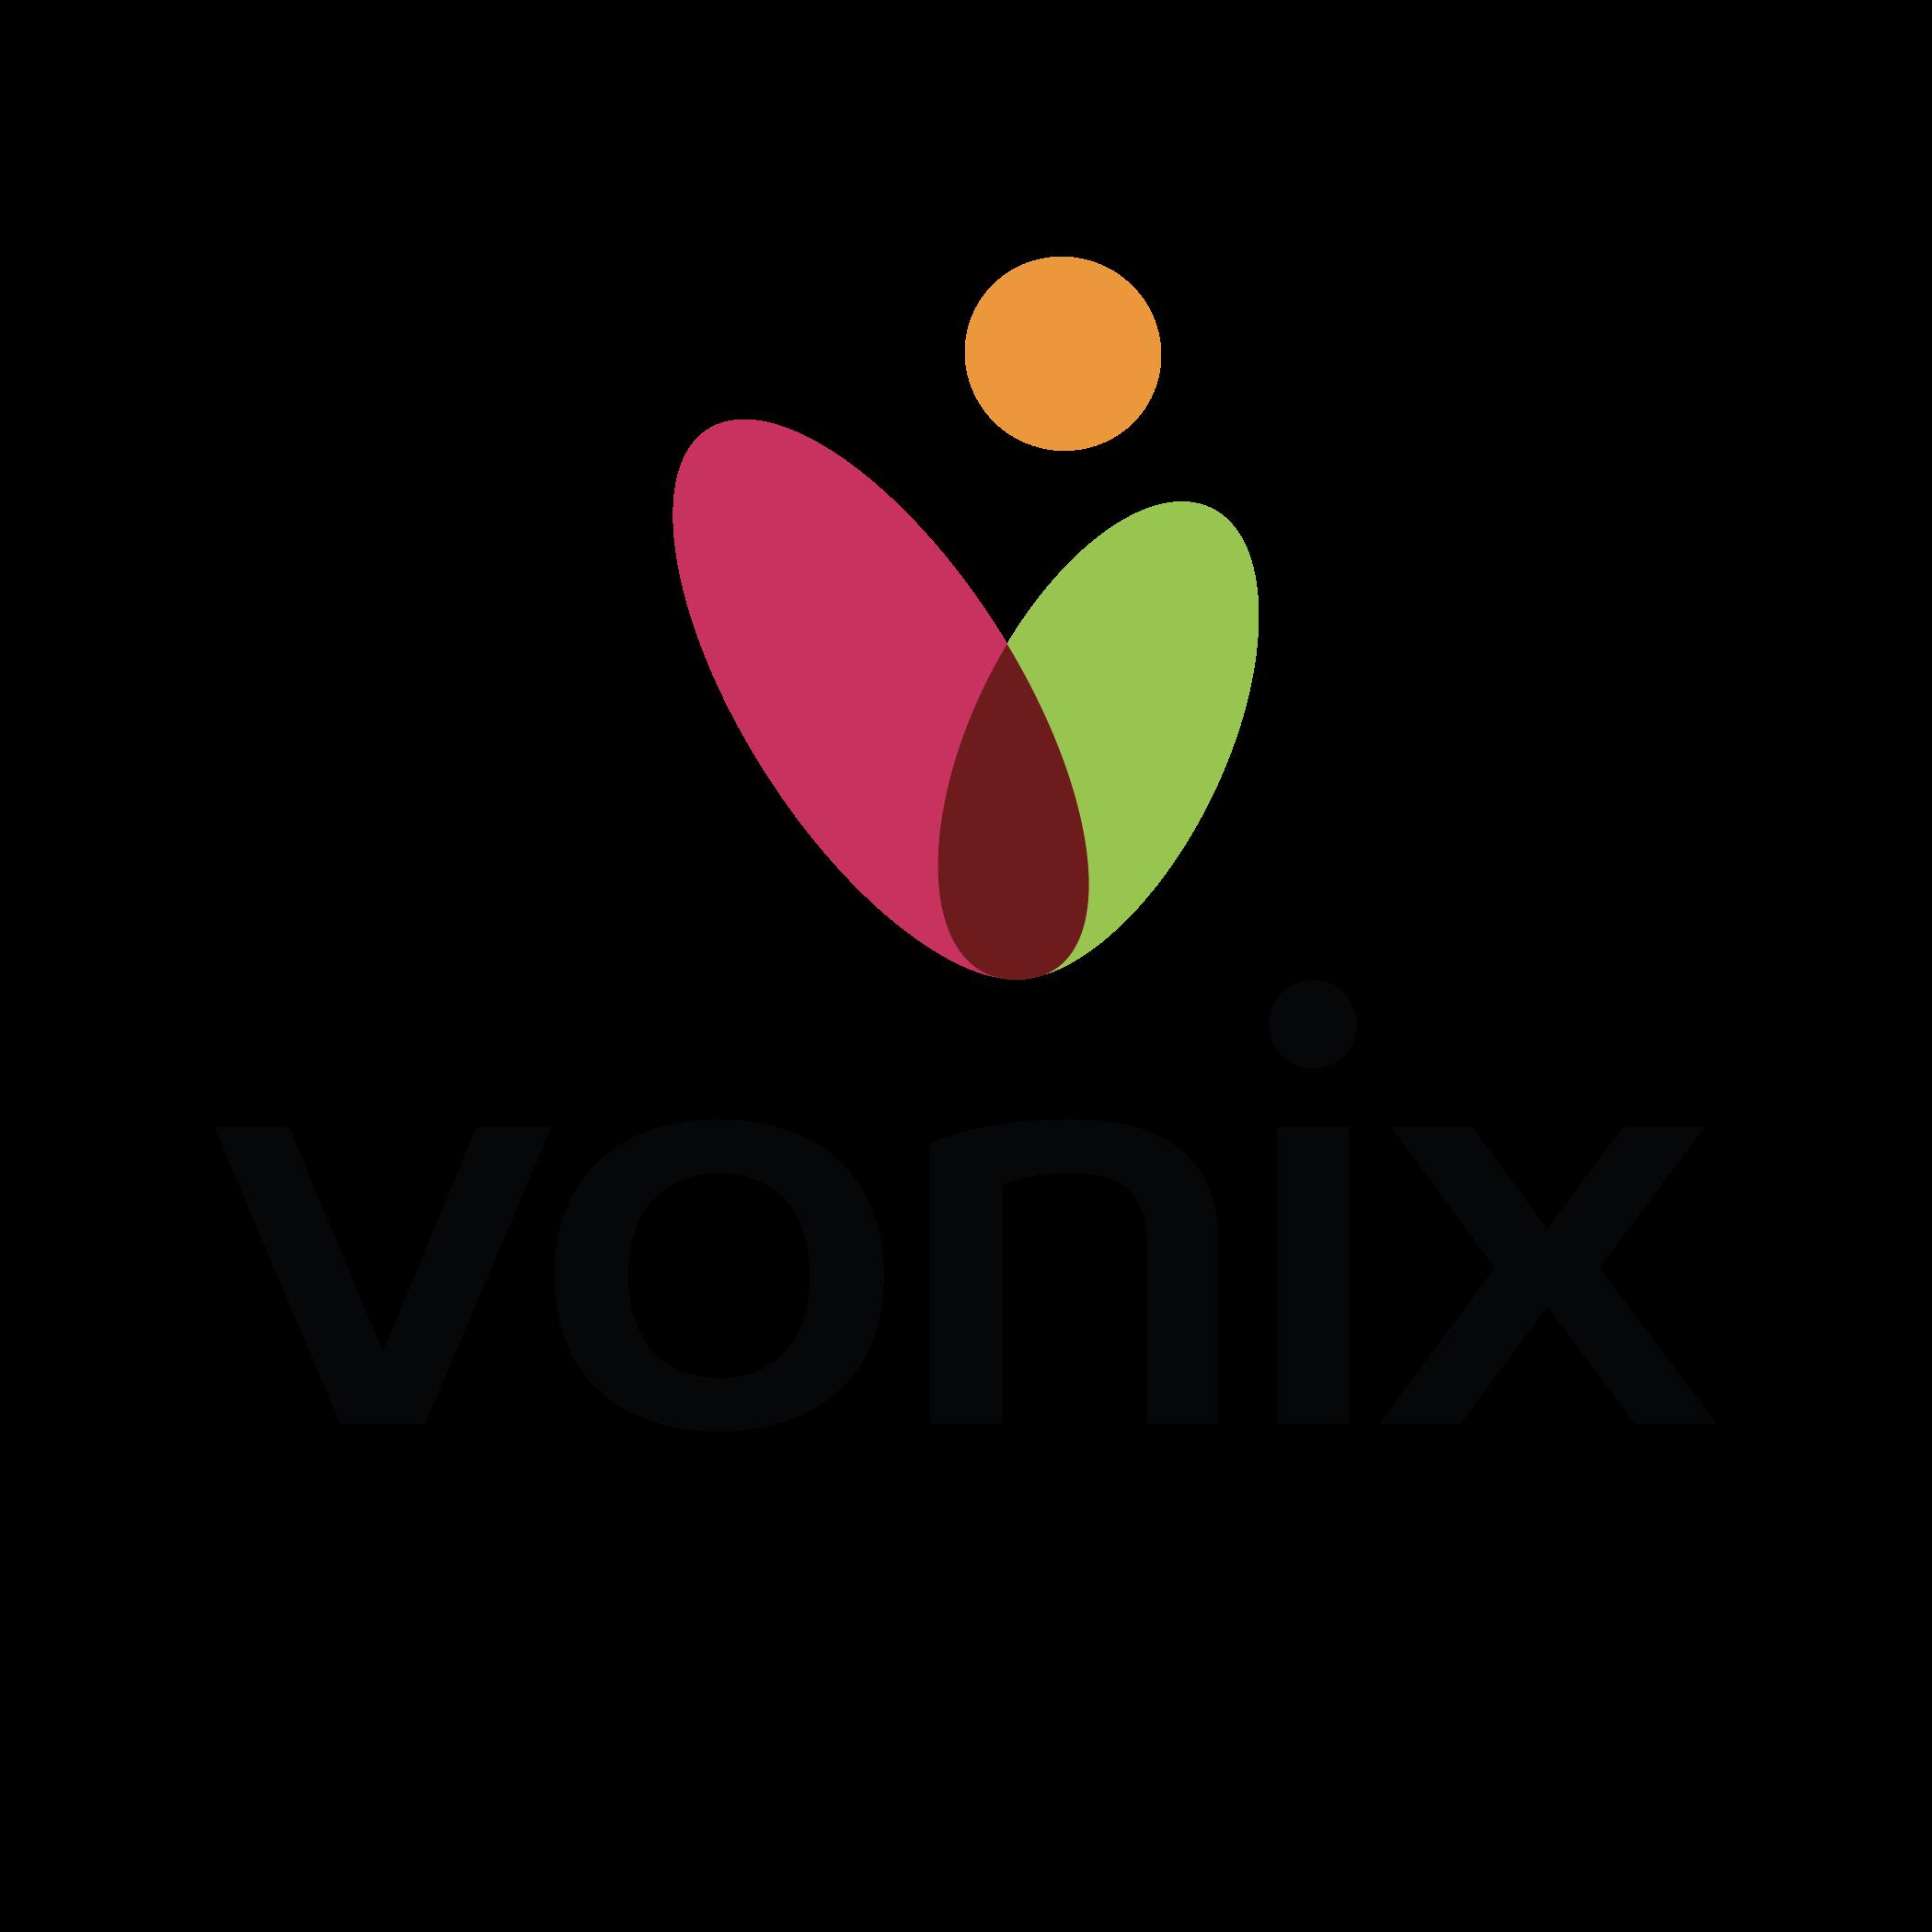 Logotipo do Vonix Flex VoIP